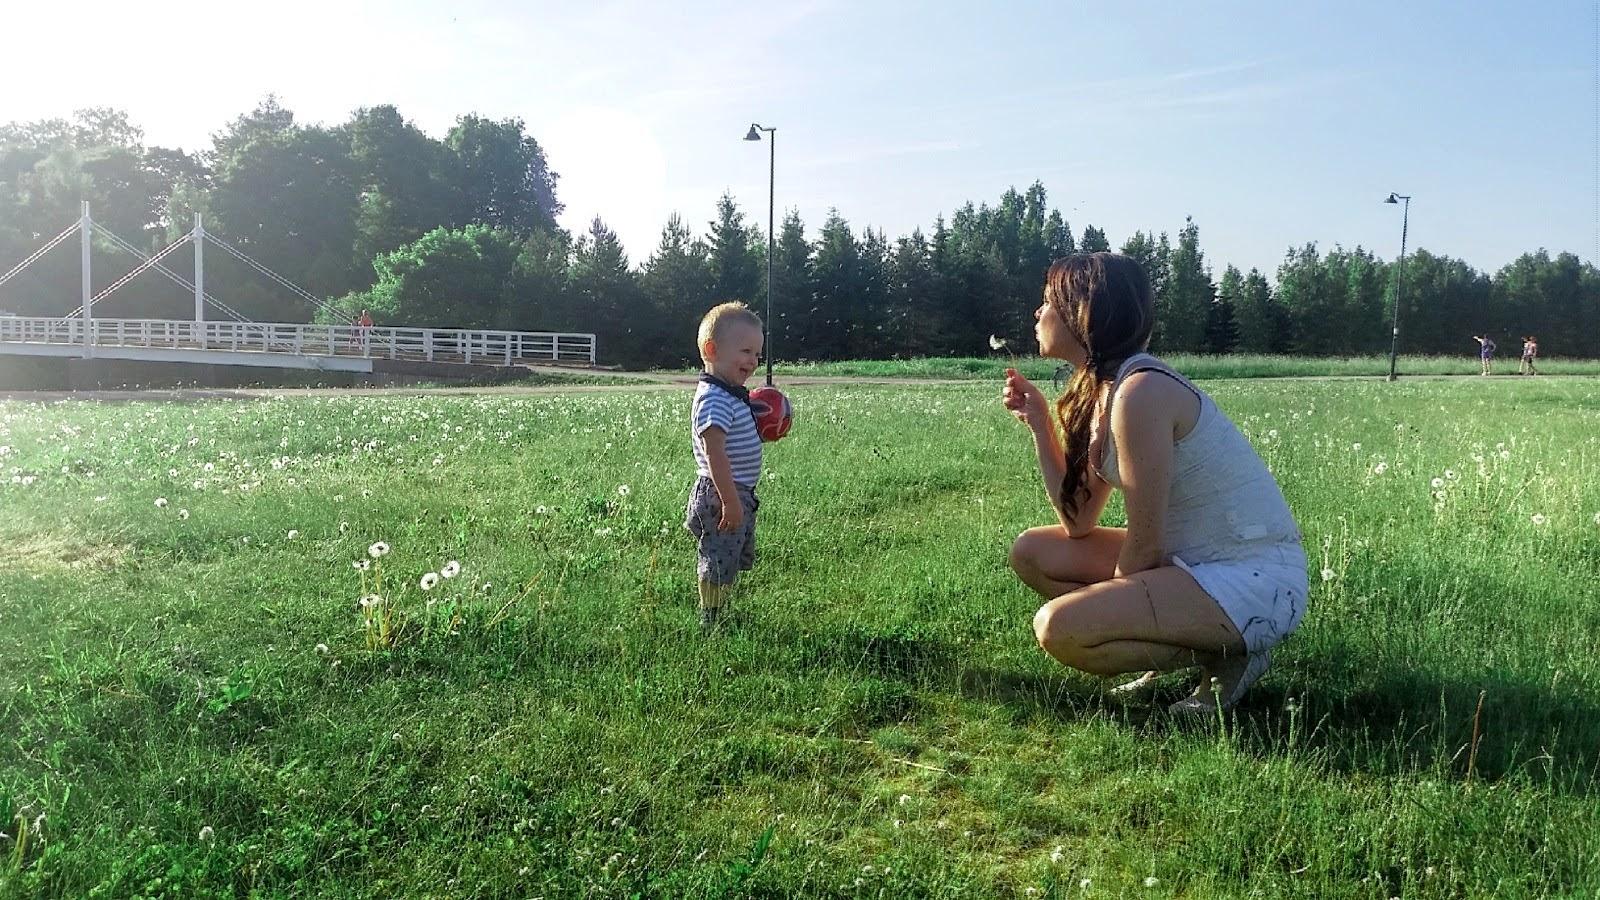 Kukkakedolla pojan kanssa